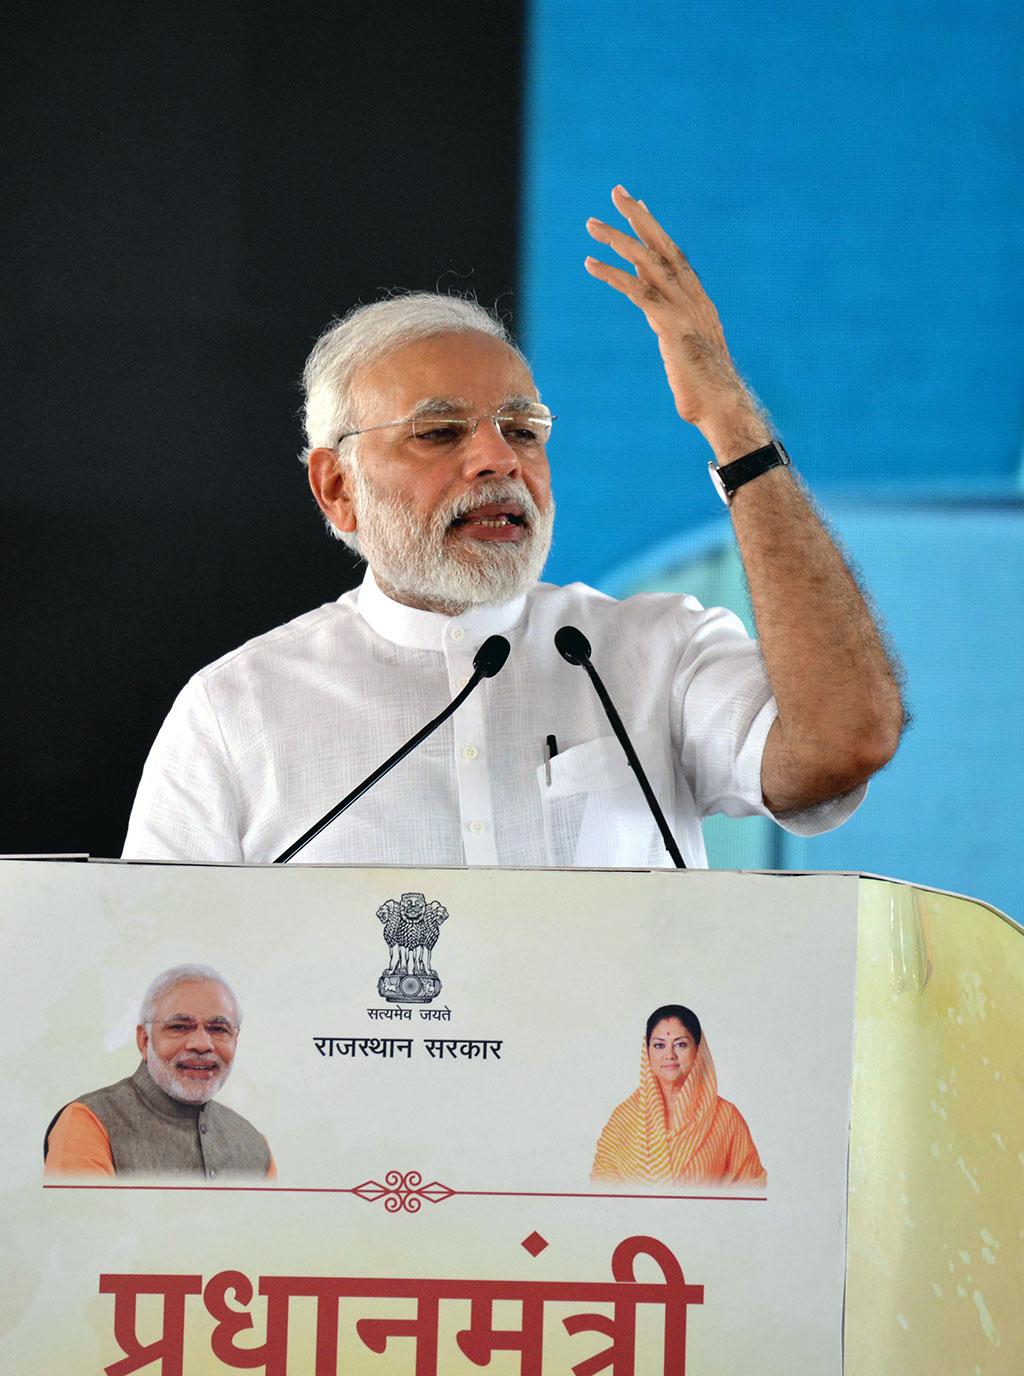 narendra-modi-and-vasundhara-raje-jaipur-beneficiaries-meeting-CMP_7784